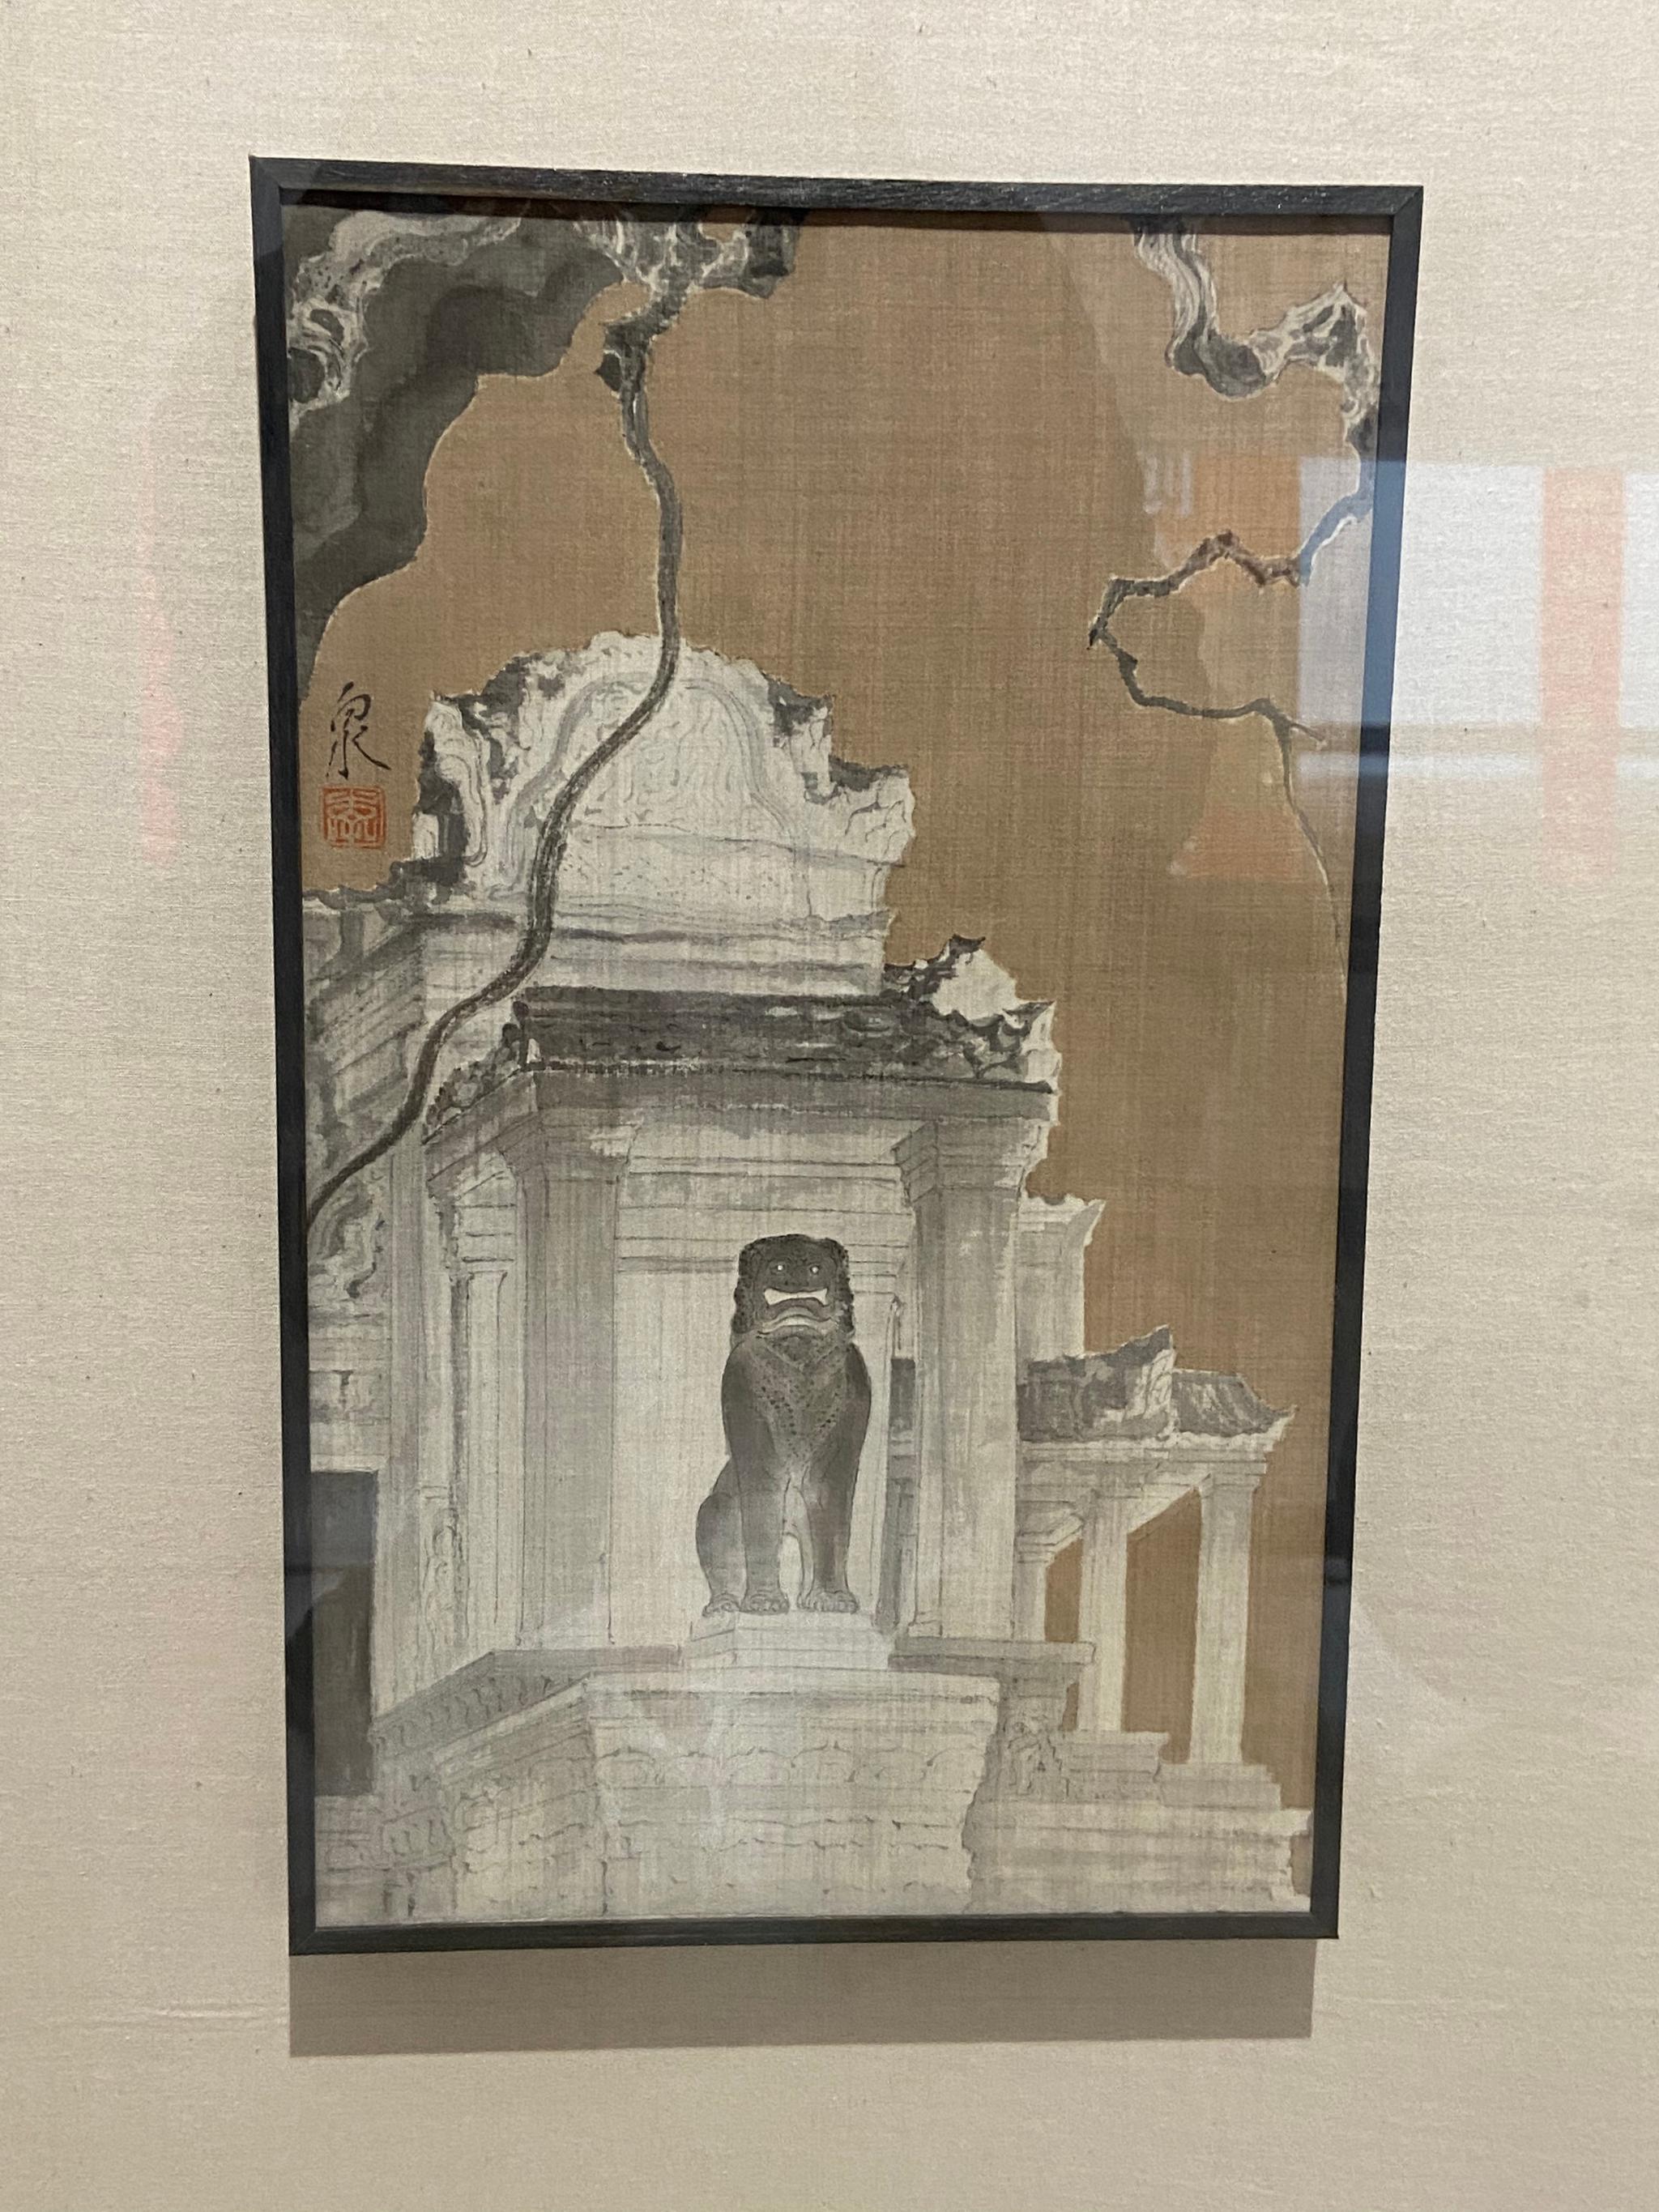 国画艺术真是小众艺术么,江苏省国画院的画展规格还是蛮高的……